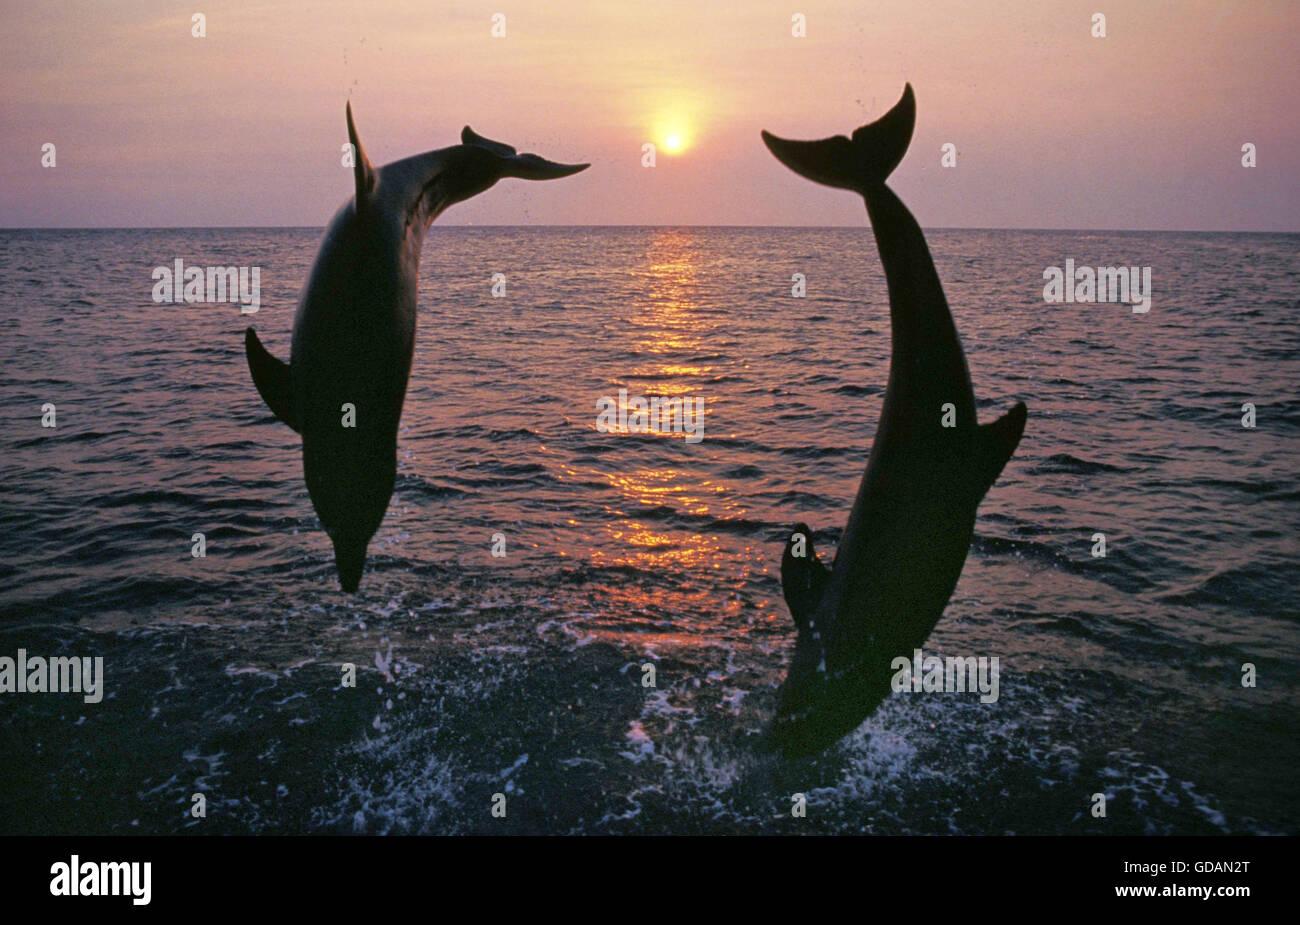 Il tursiope o delfino maggiore, tursiops truncatus, Adulti saltando al tramonto, costa vicino Honduras Immagini Stock